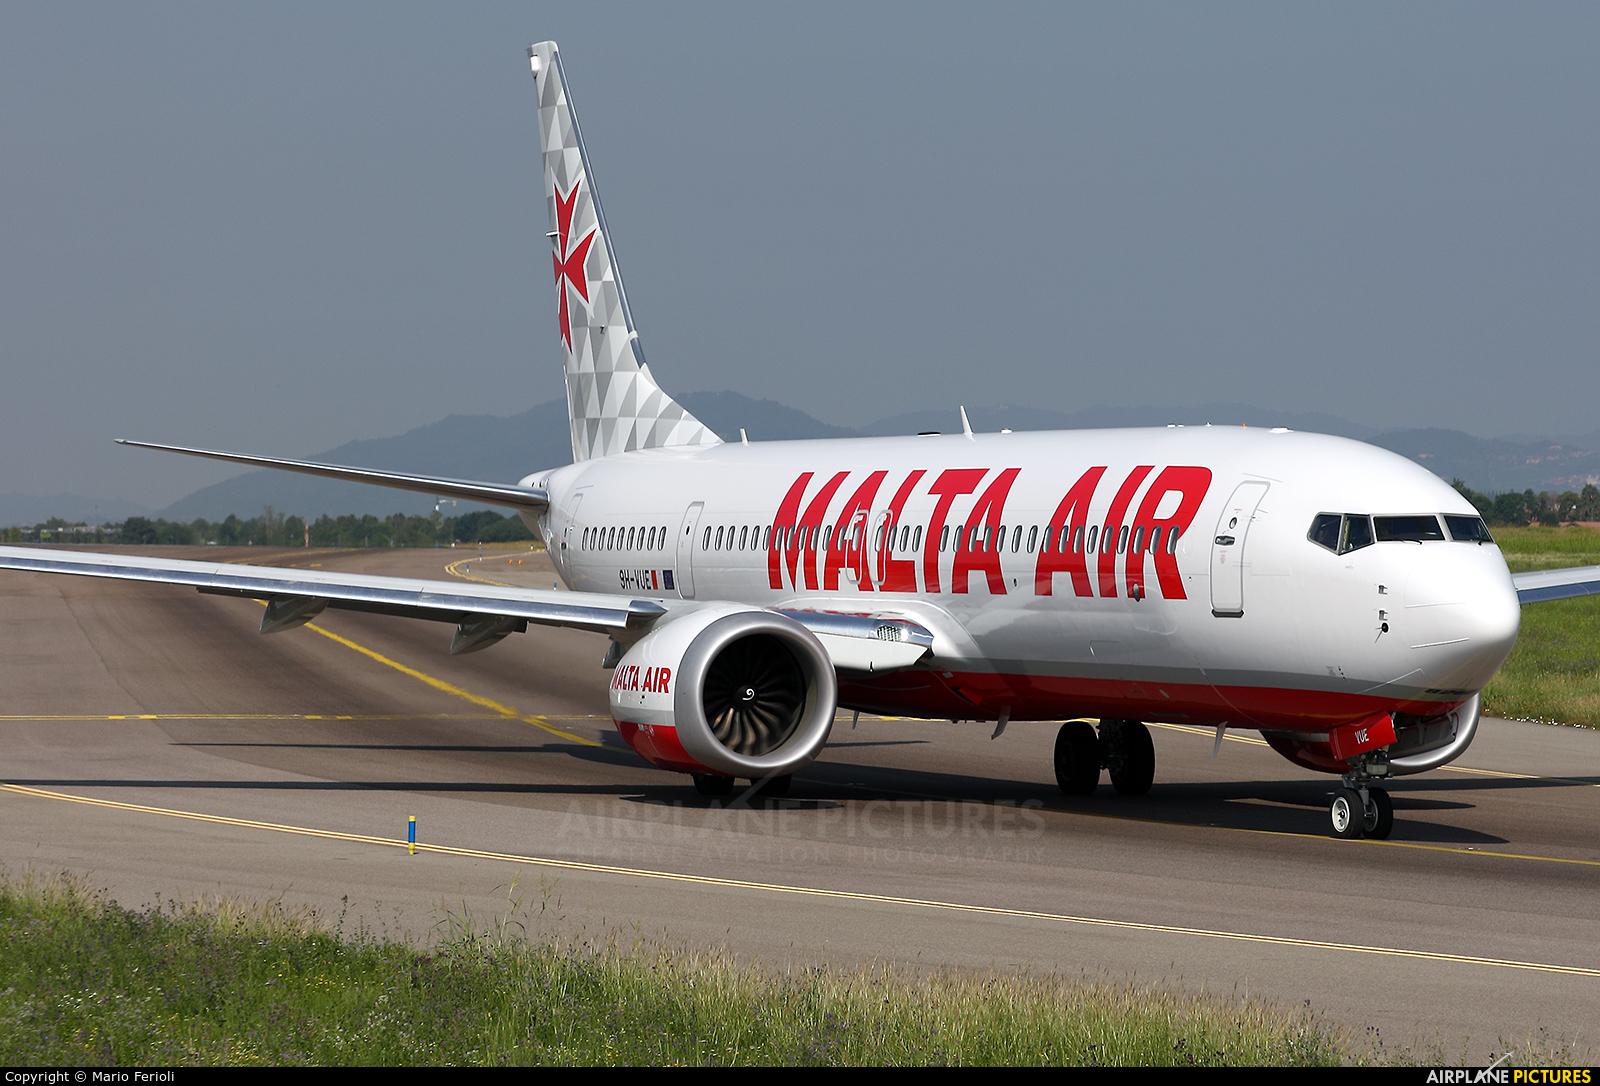 Malta Air 9H-VUE aircraft at Bergamo - Orio al Serio